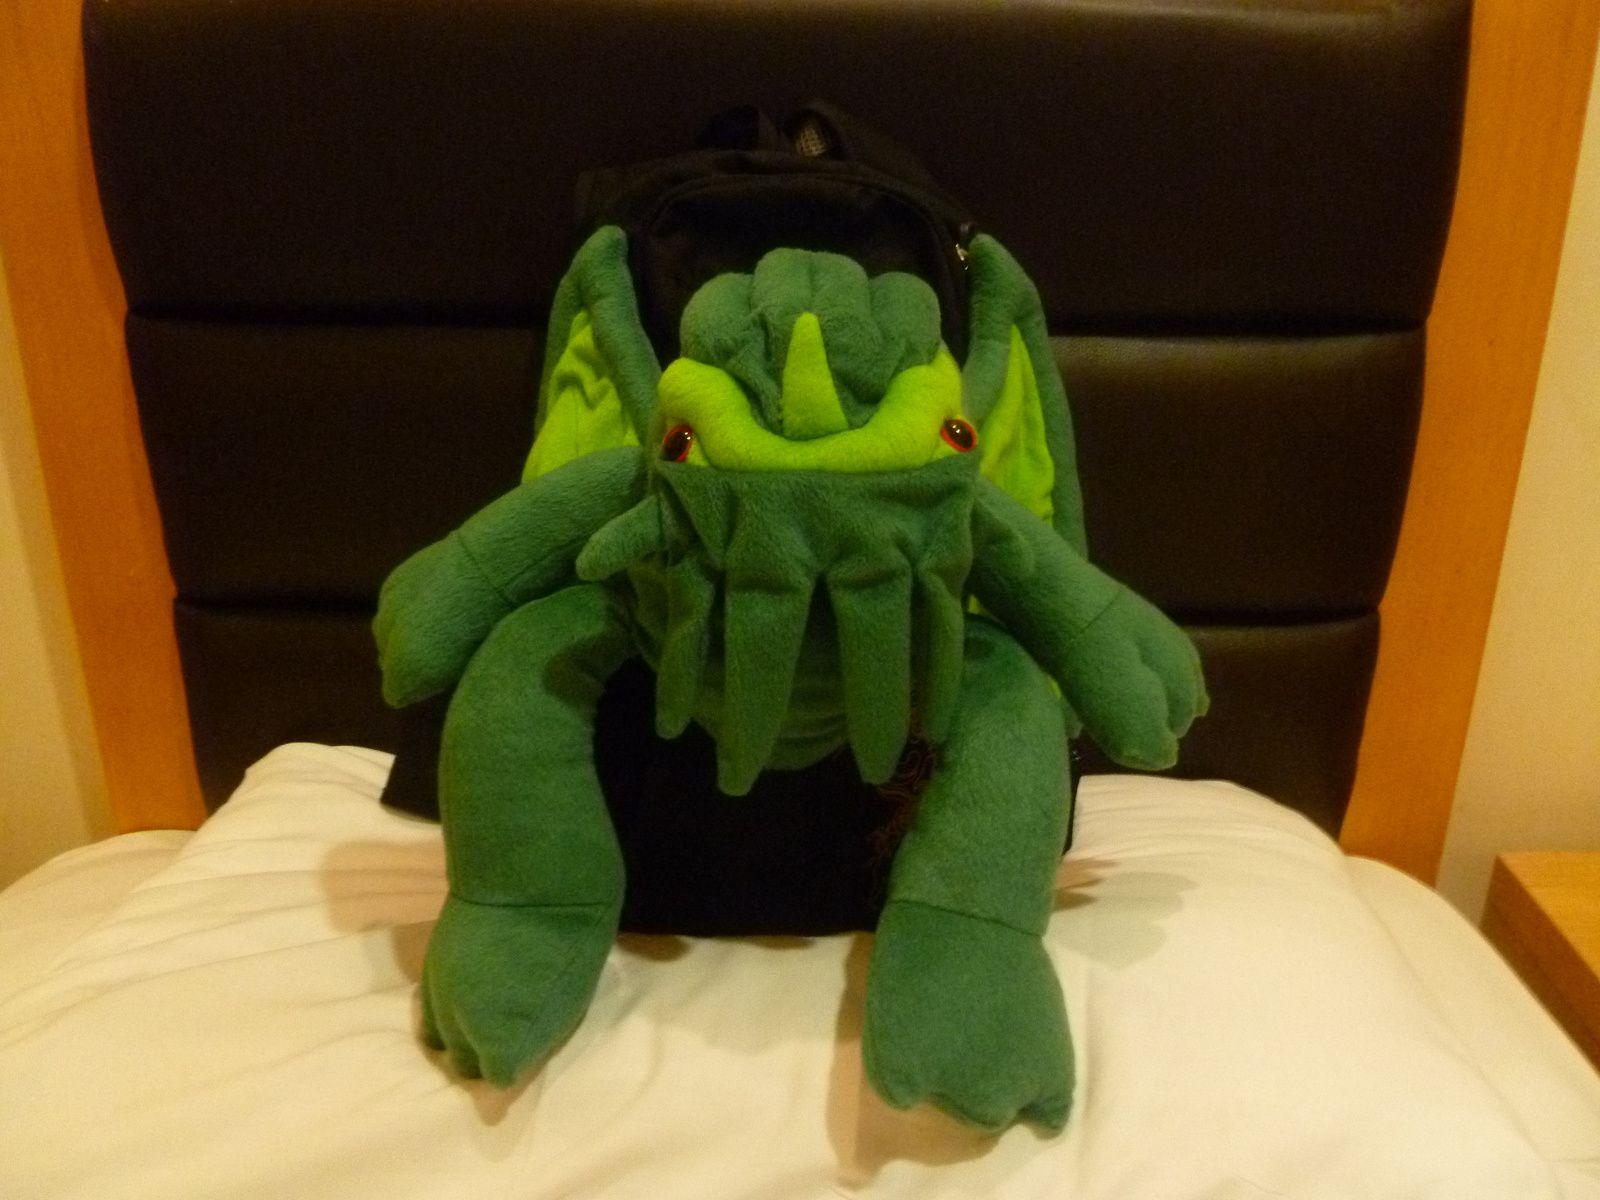 Cthulhu dans sa chambre d'hôtel...